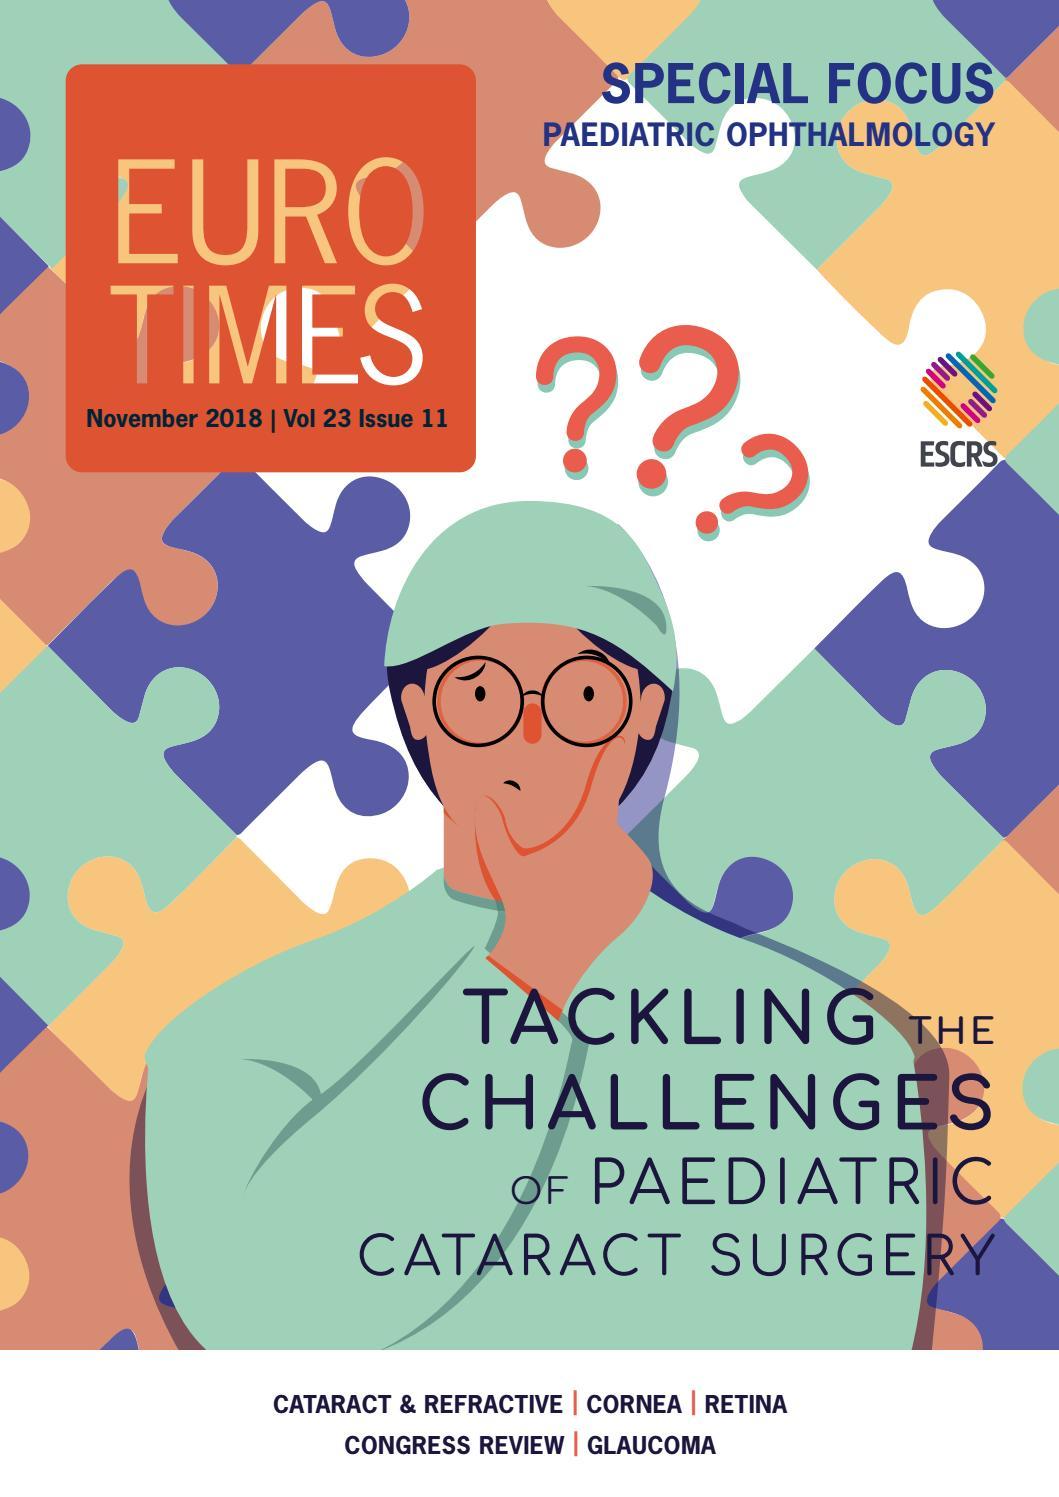 EuroTimes Vol  23 - Issue 11 by EUROTIMES - issuu